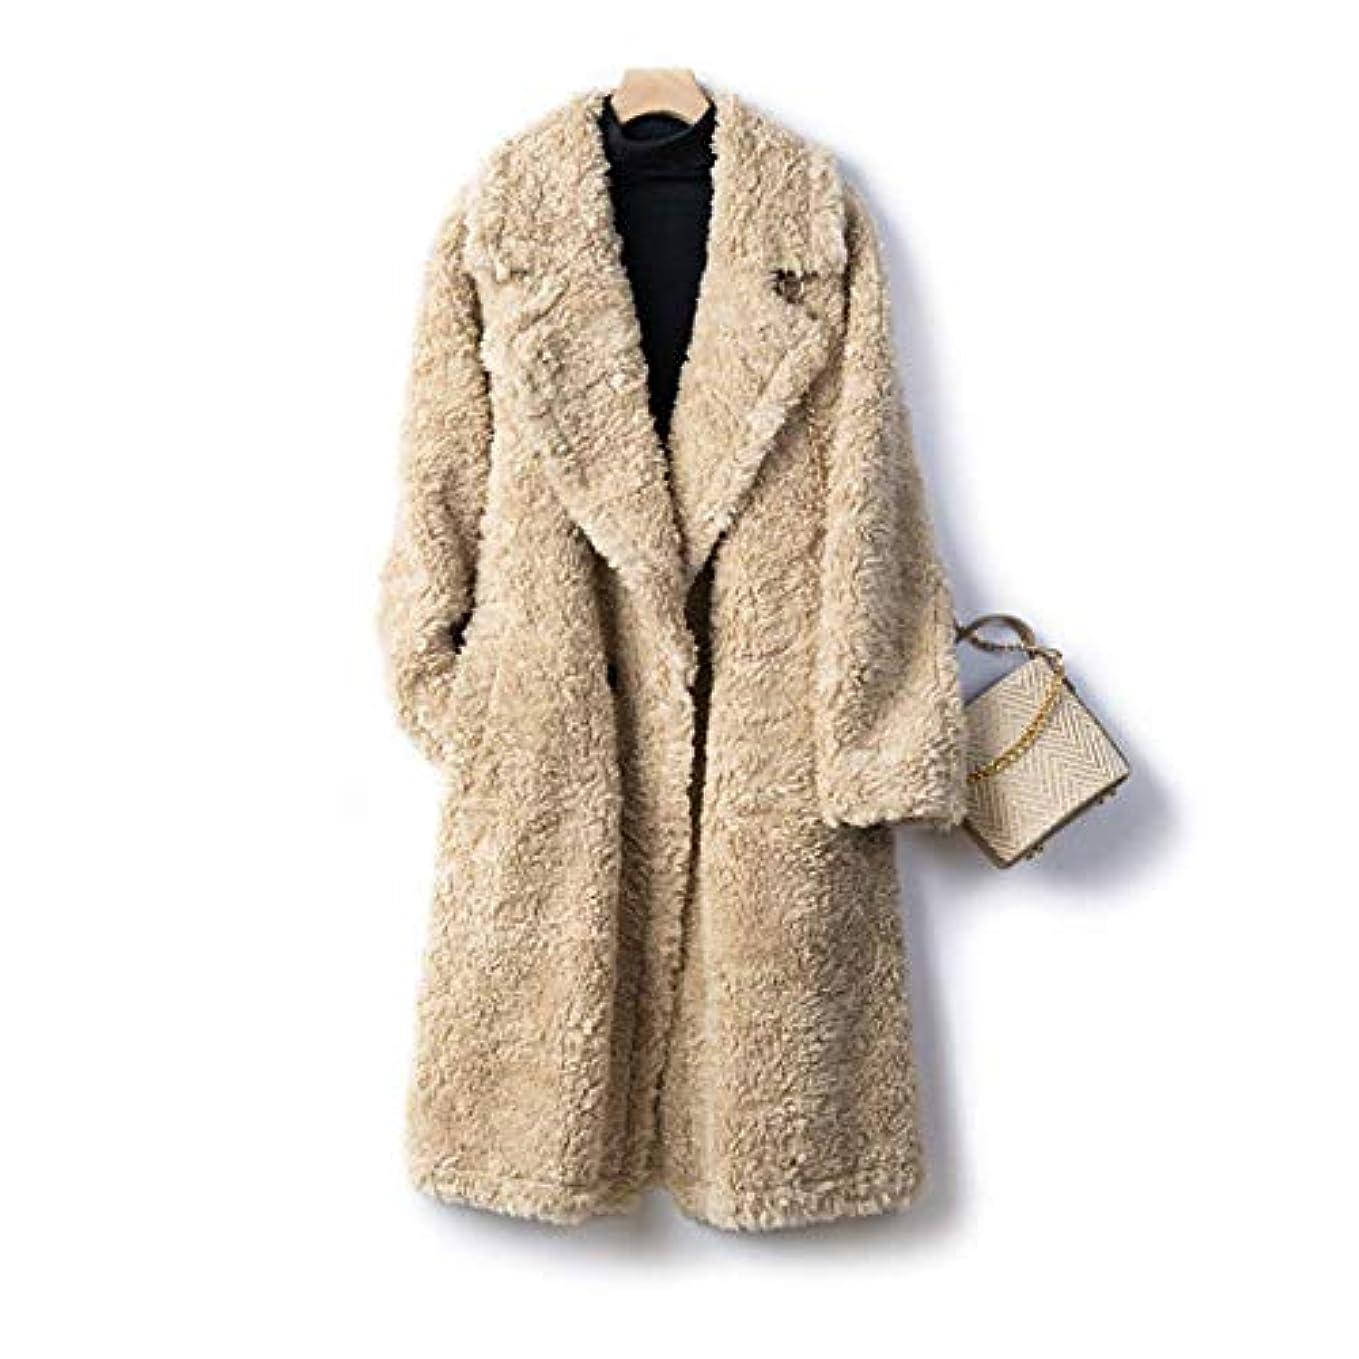 脊椎名前で瞑想する厚いウールのコート、女性のコートレディースウインドブレーカージャケット厚い羊のせん断顆粒ロングコートの女性のウールコート19秋と冬の婦人服,A,M